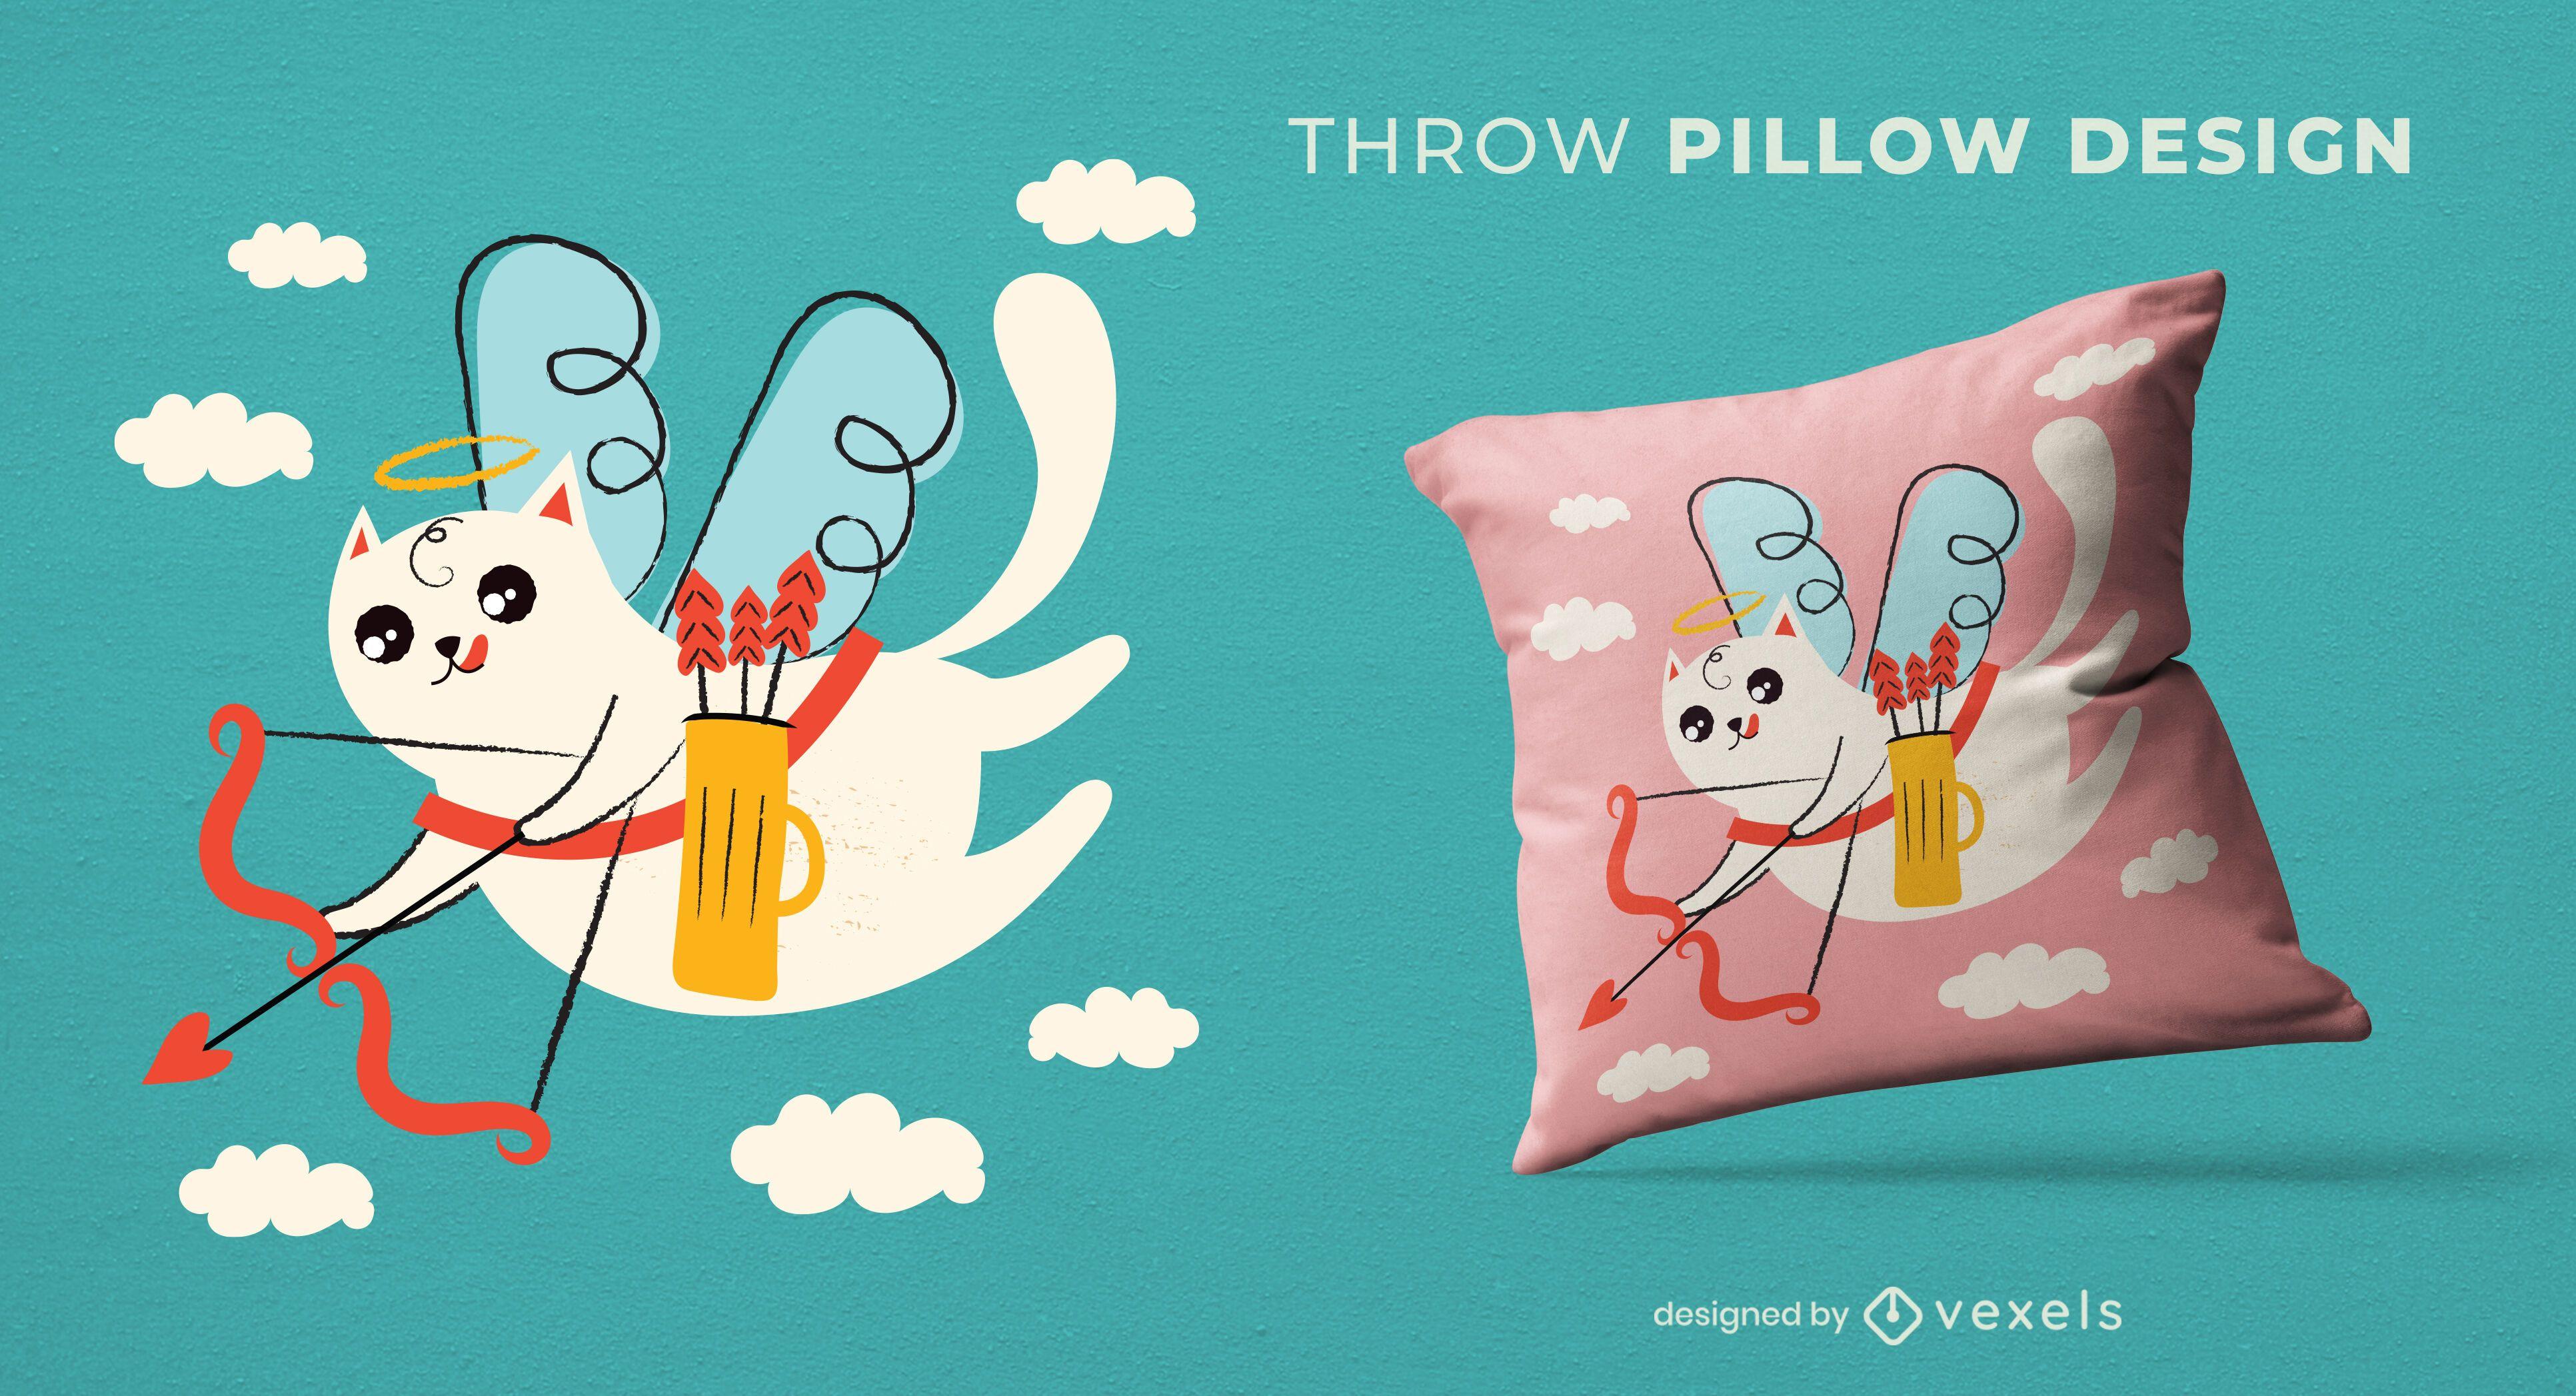 Diseño de almohada de tiro de gato de San Valentín